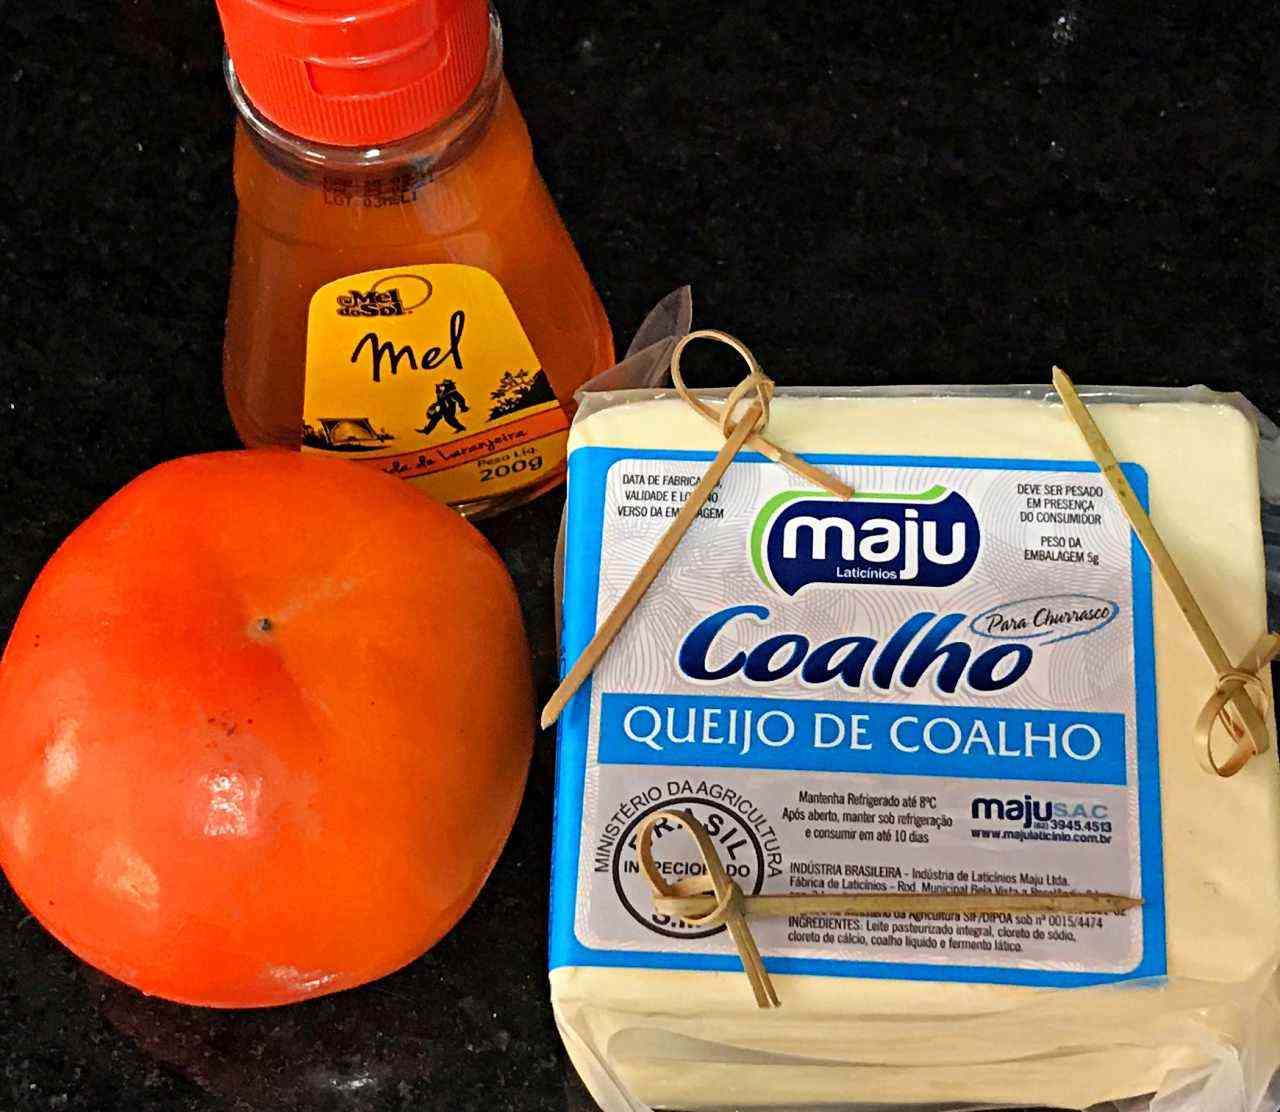 Canapés de queijo coalho caqui e mel - ingredientes